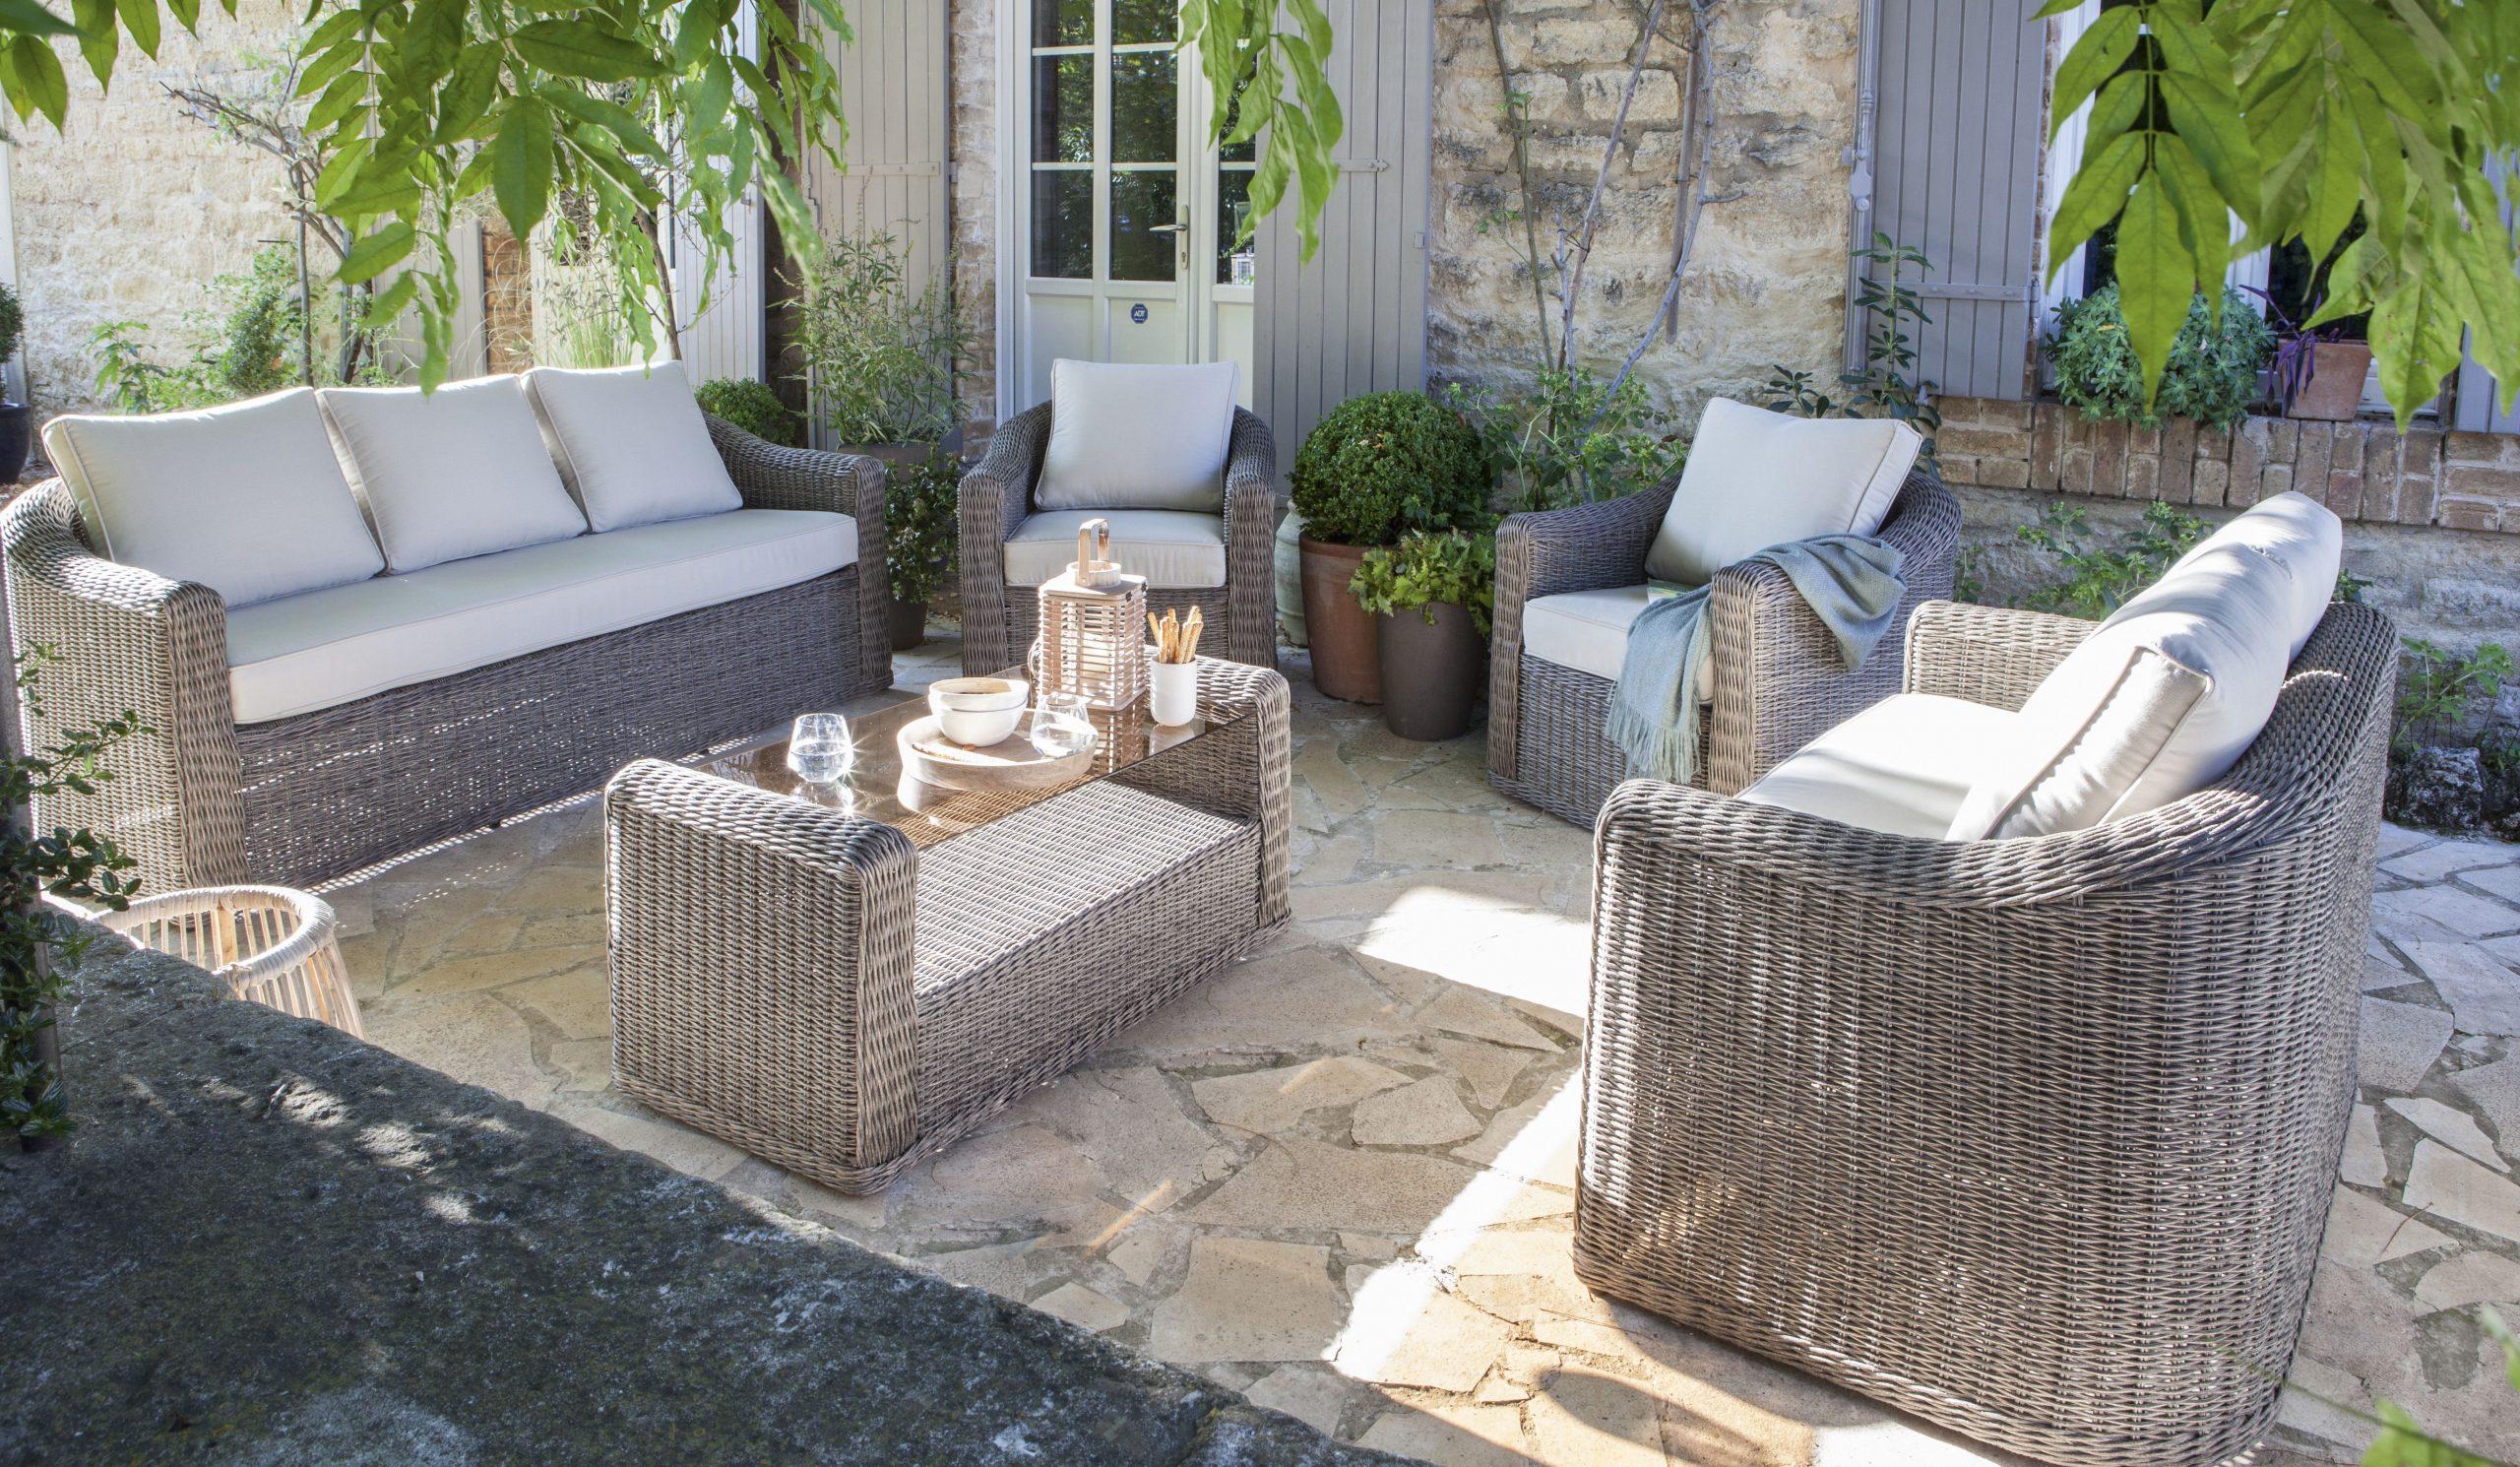 Un Salon De Jardin Gris Anthracite En Résine Tressée Pour ... tout Salon De Jardin Leroy Merlin Resine